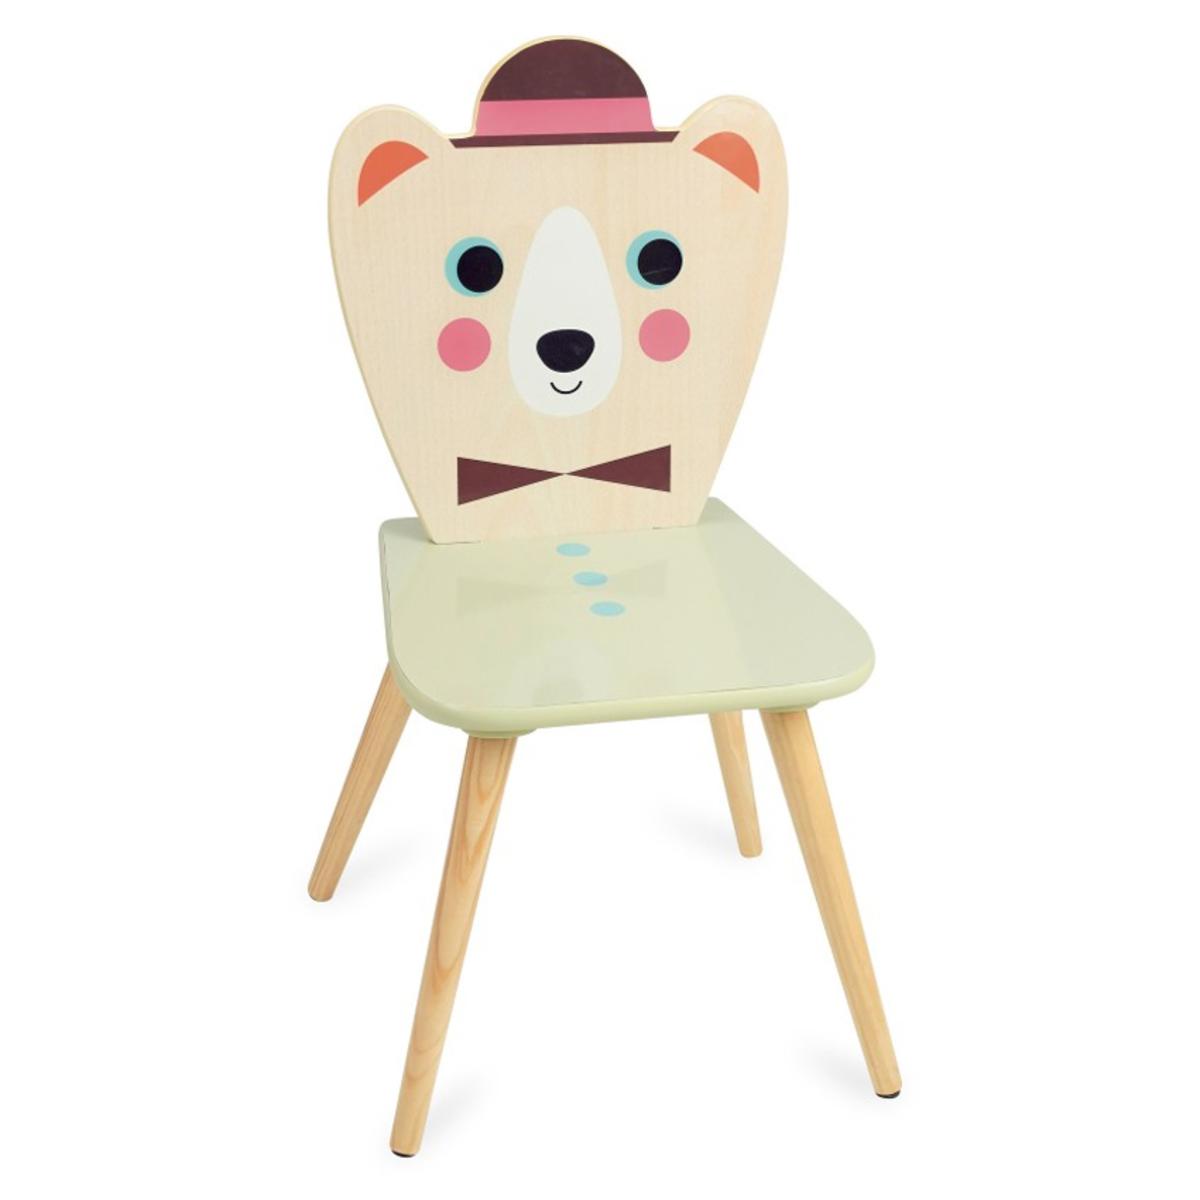 Table & Chaise Chaise Ours à Chapeau par Ingela P. Arrhenius Chaise Ours à Chapeau par Ingela P. Arrhenius